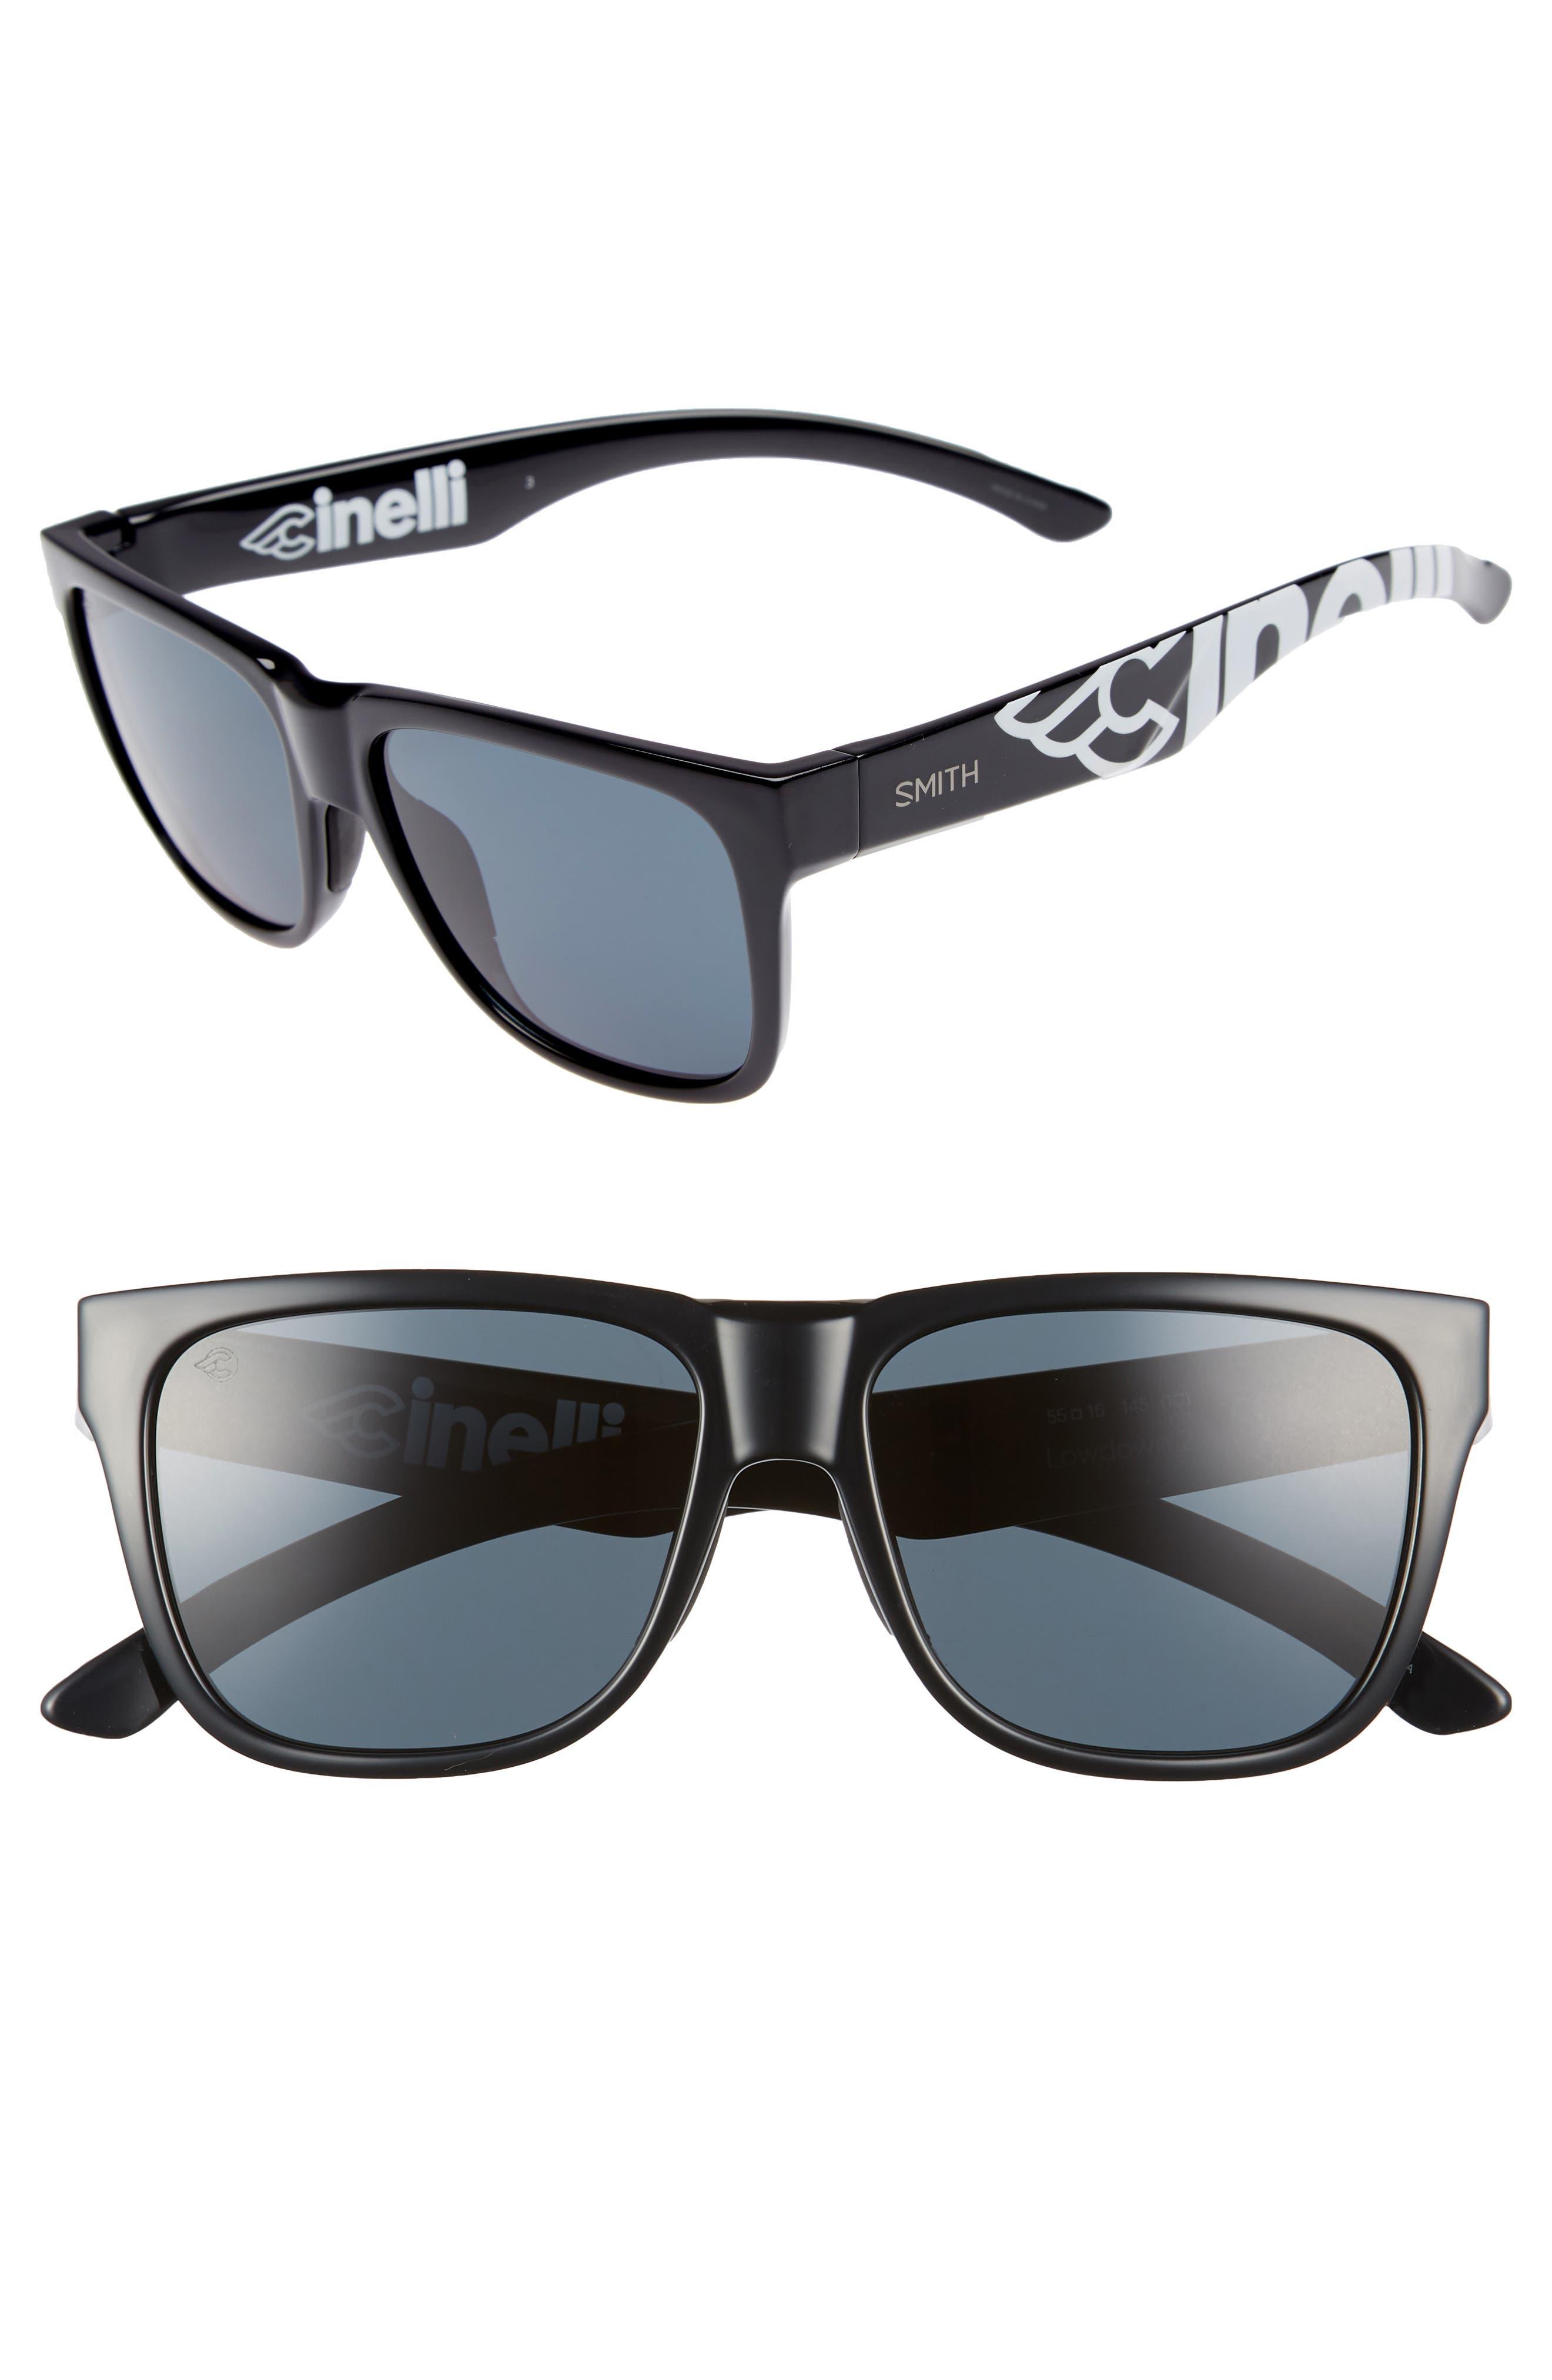 Lowdown 2 55mm ChromaPop<sup>™</sup> Square Sunglasses,                             Main thumbnail 1, color,                             CINELLI